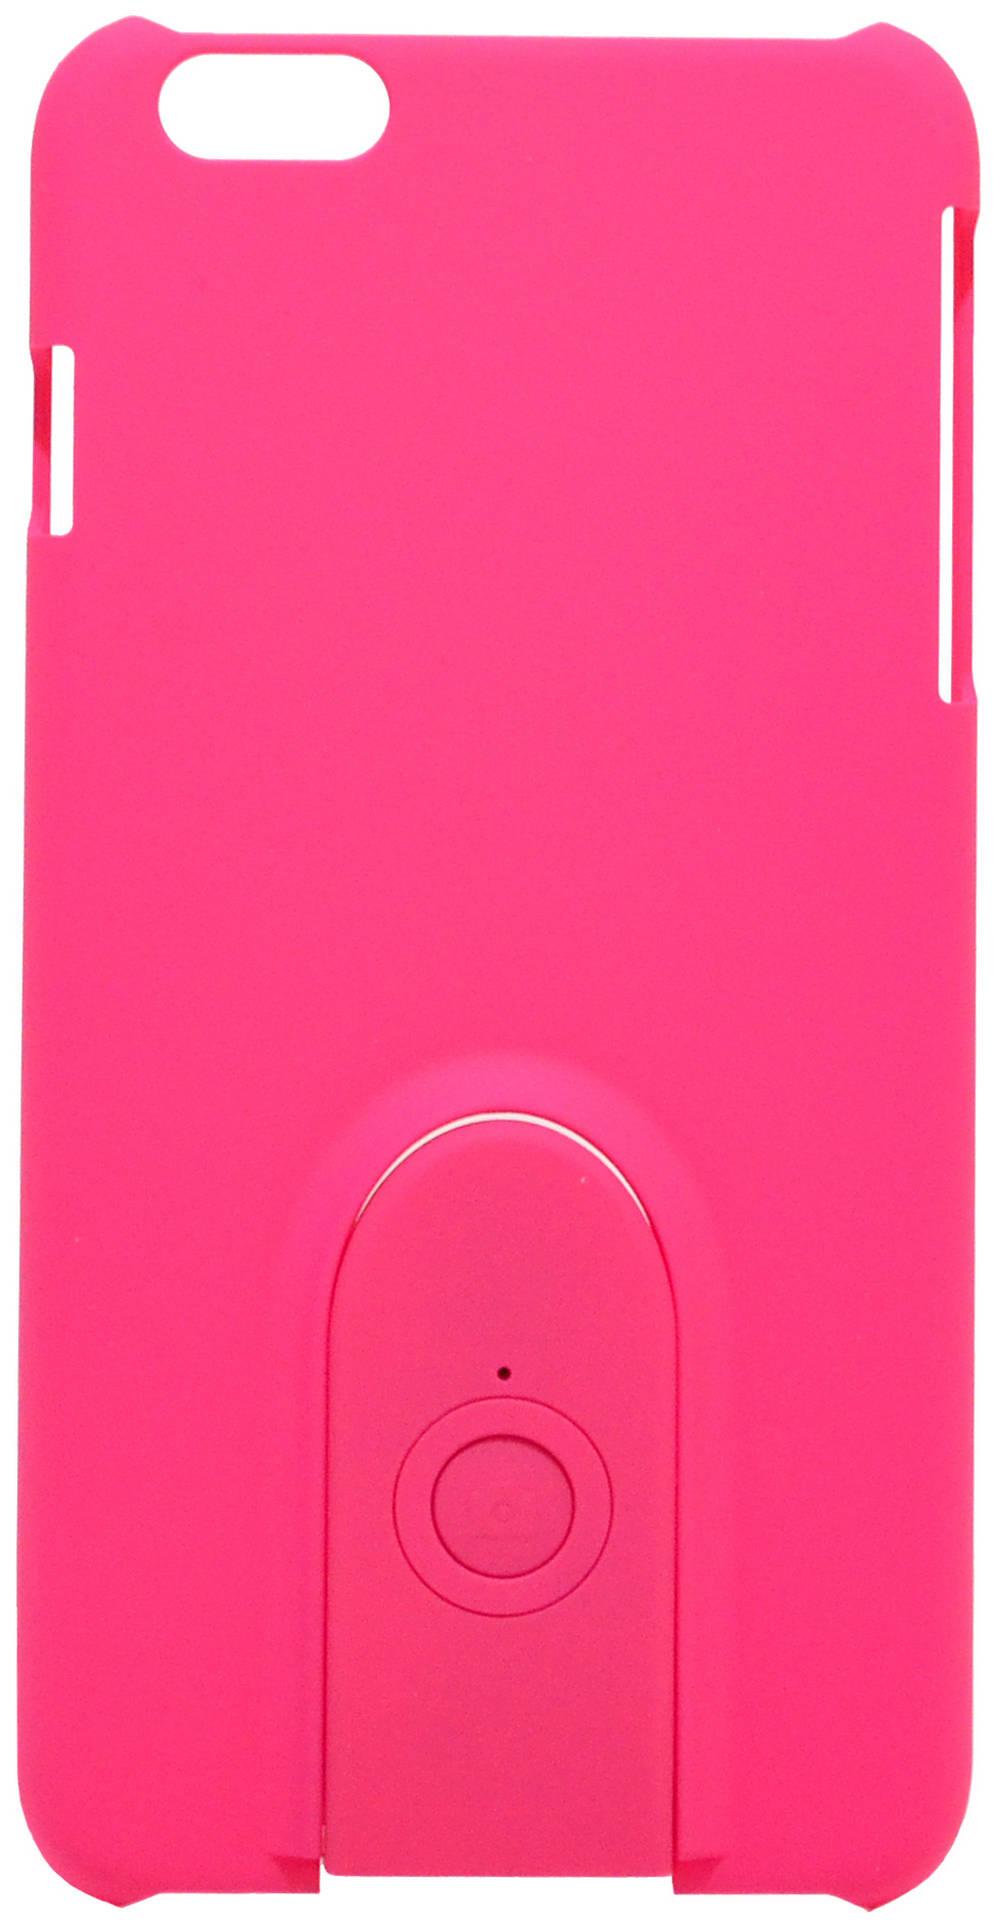 Θήκη Faceplate Monopod Wireless Selfie για Apple iPhone 6 Plus/6S Plus Velvet Feel Ρόζ με Αποσπώμενο Χειριστήριο Bluetooth